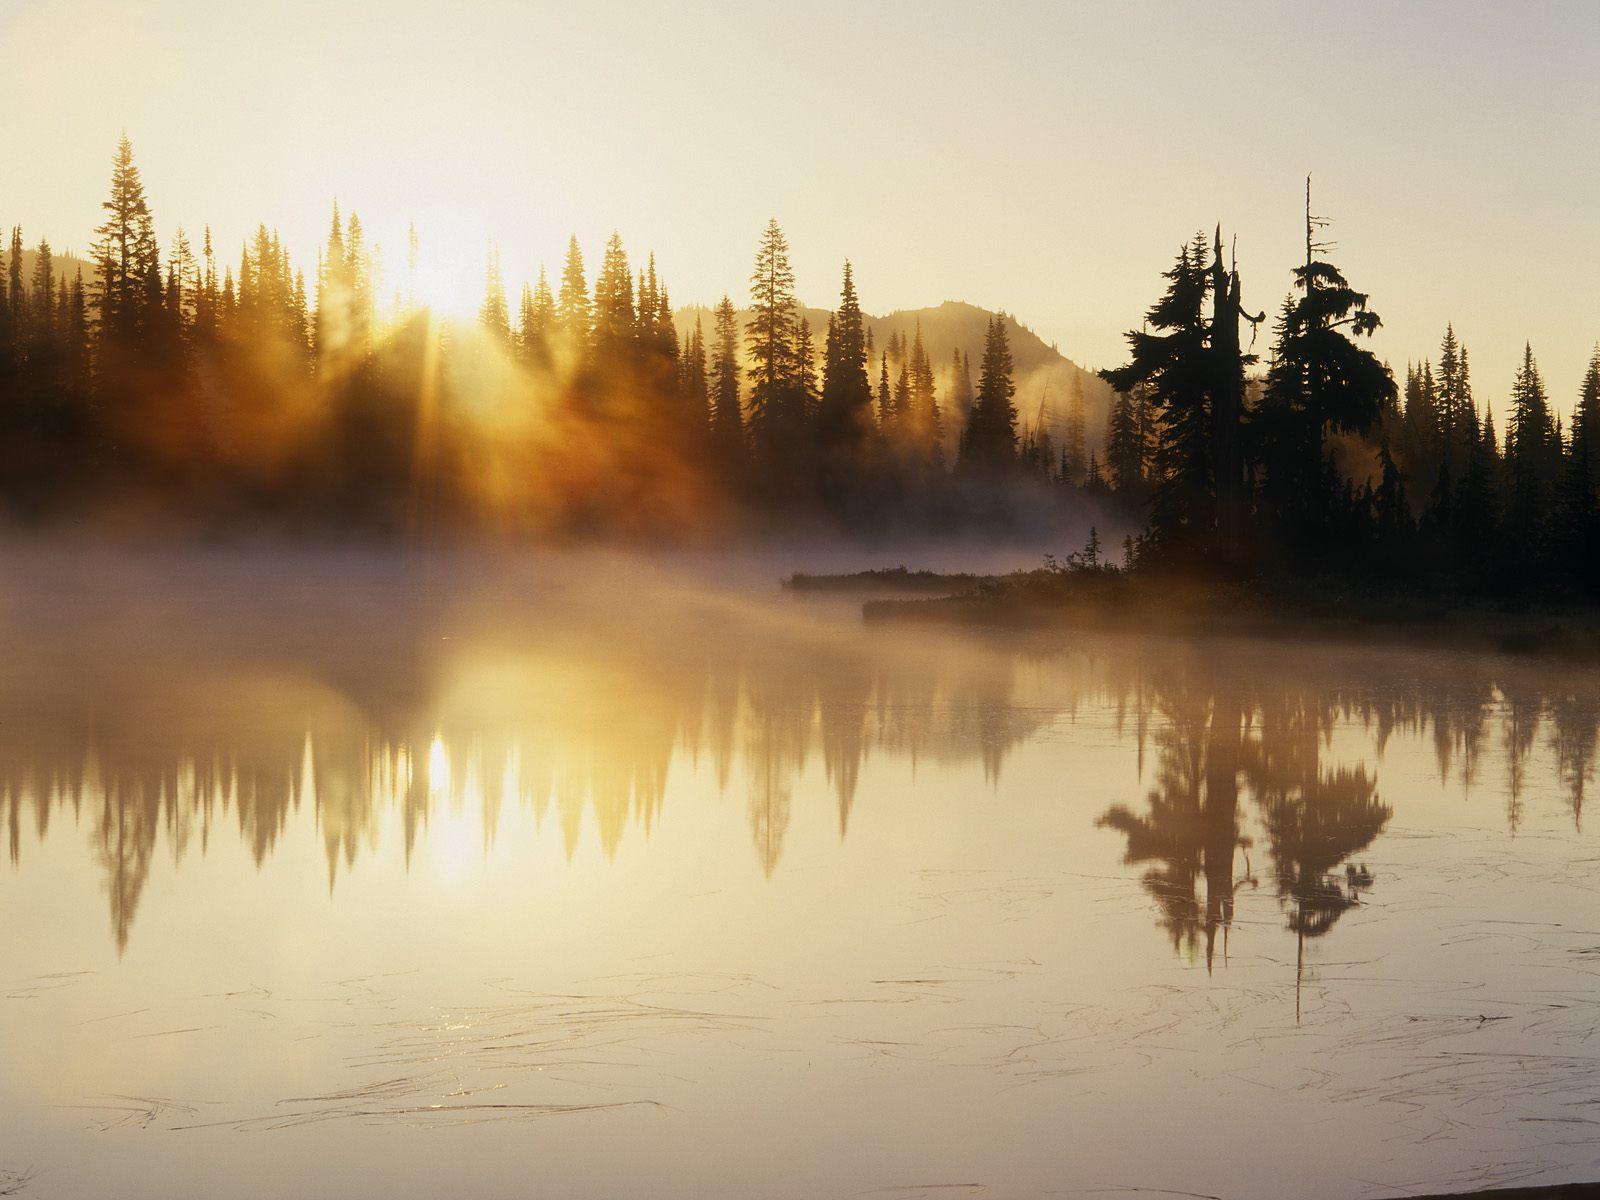 Fog Over Reflection Lake at Sunrise, Mount Rainier National Park, Washington